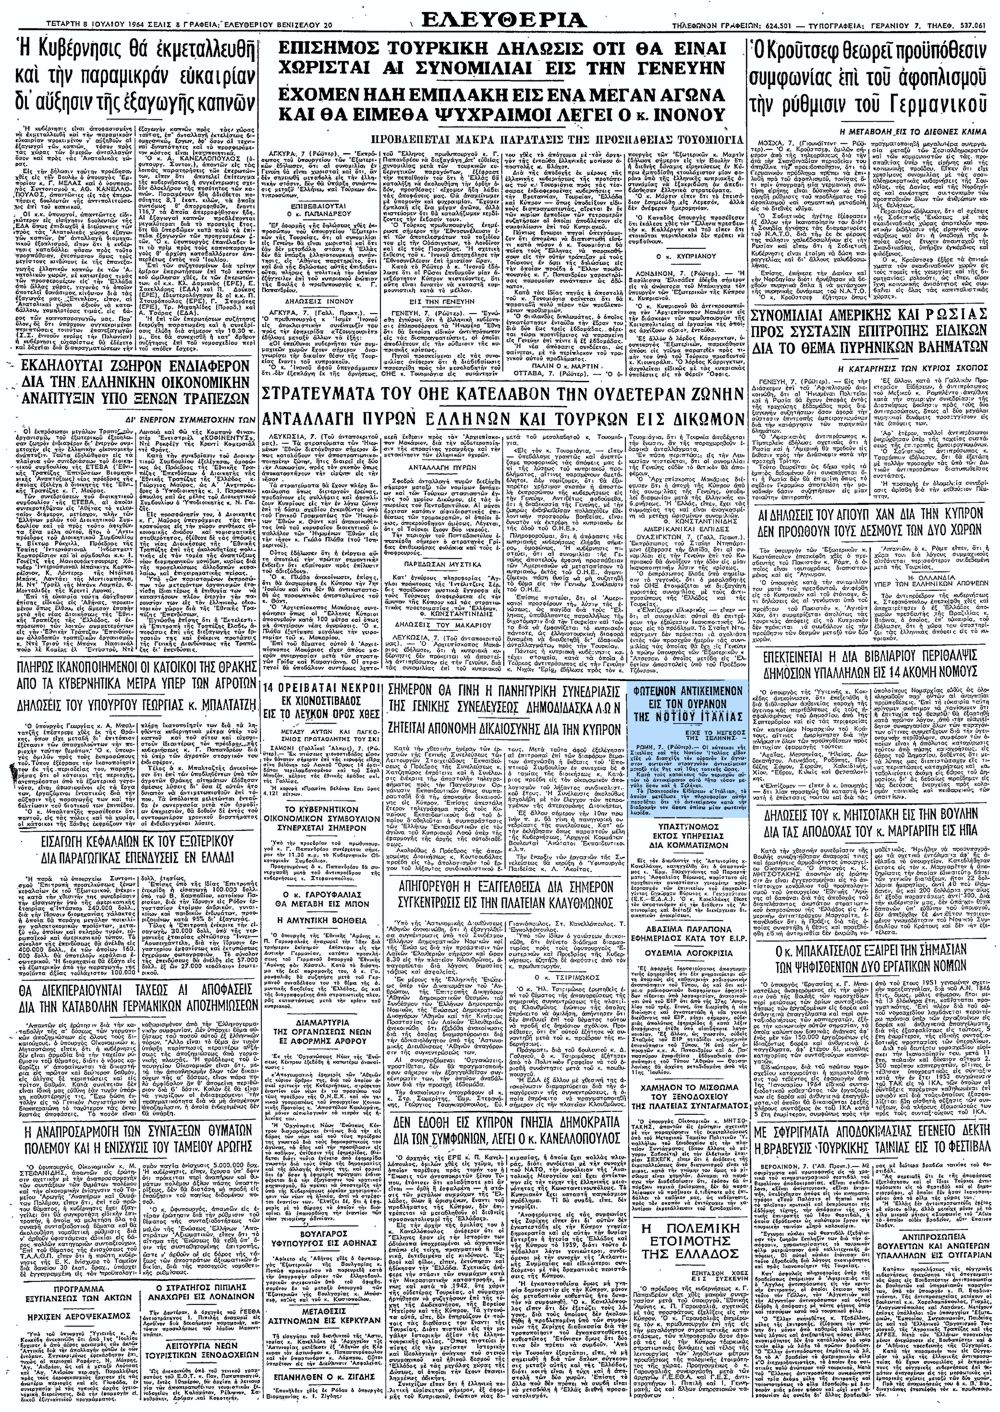 """Το άρθρο, όπως δημοσιεύθηκε στην εφημερίδα """"ΕΛΕΥΘΕΡΙΑ"""", στις 08/07/1964"""